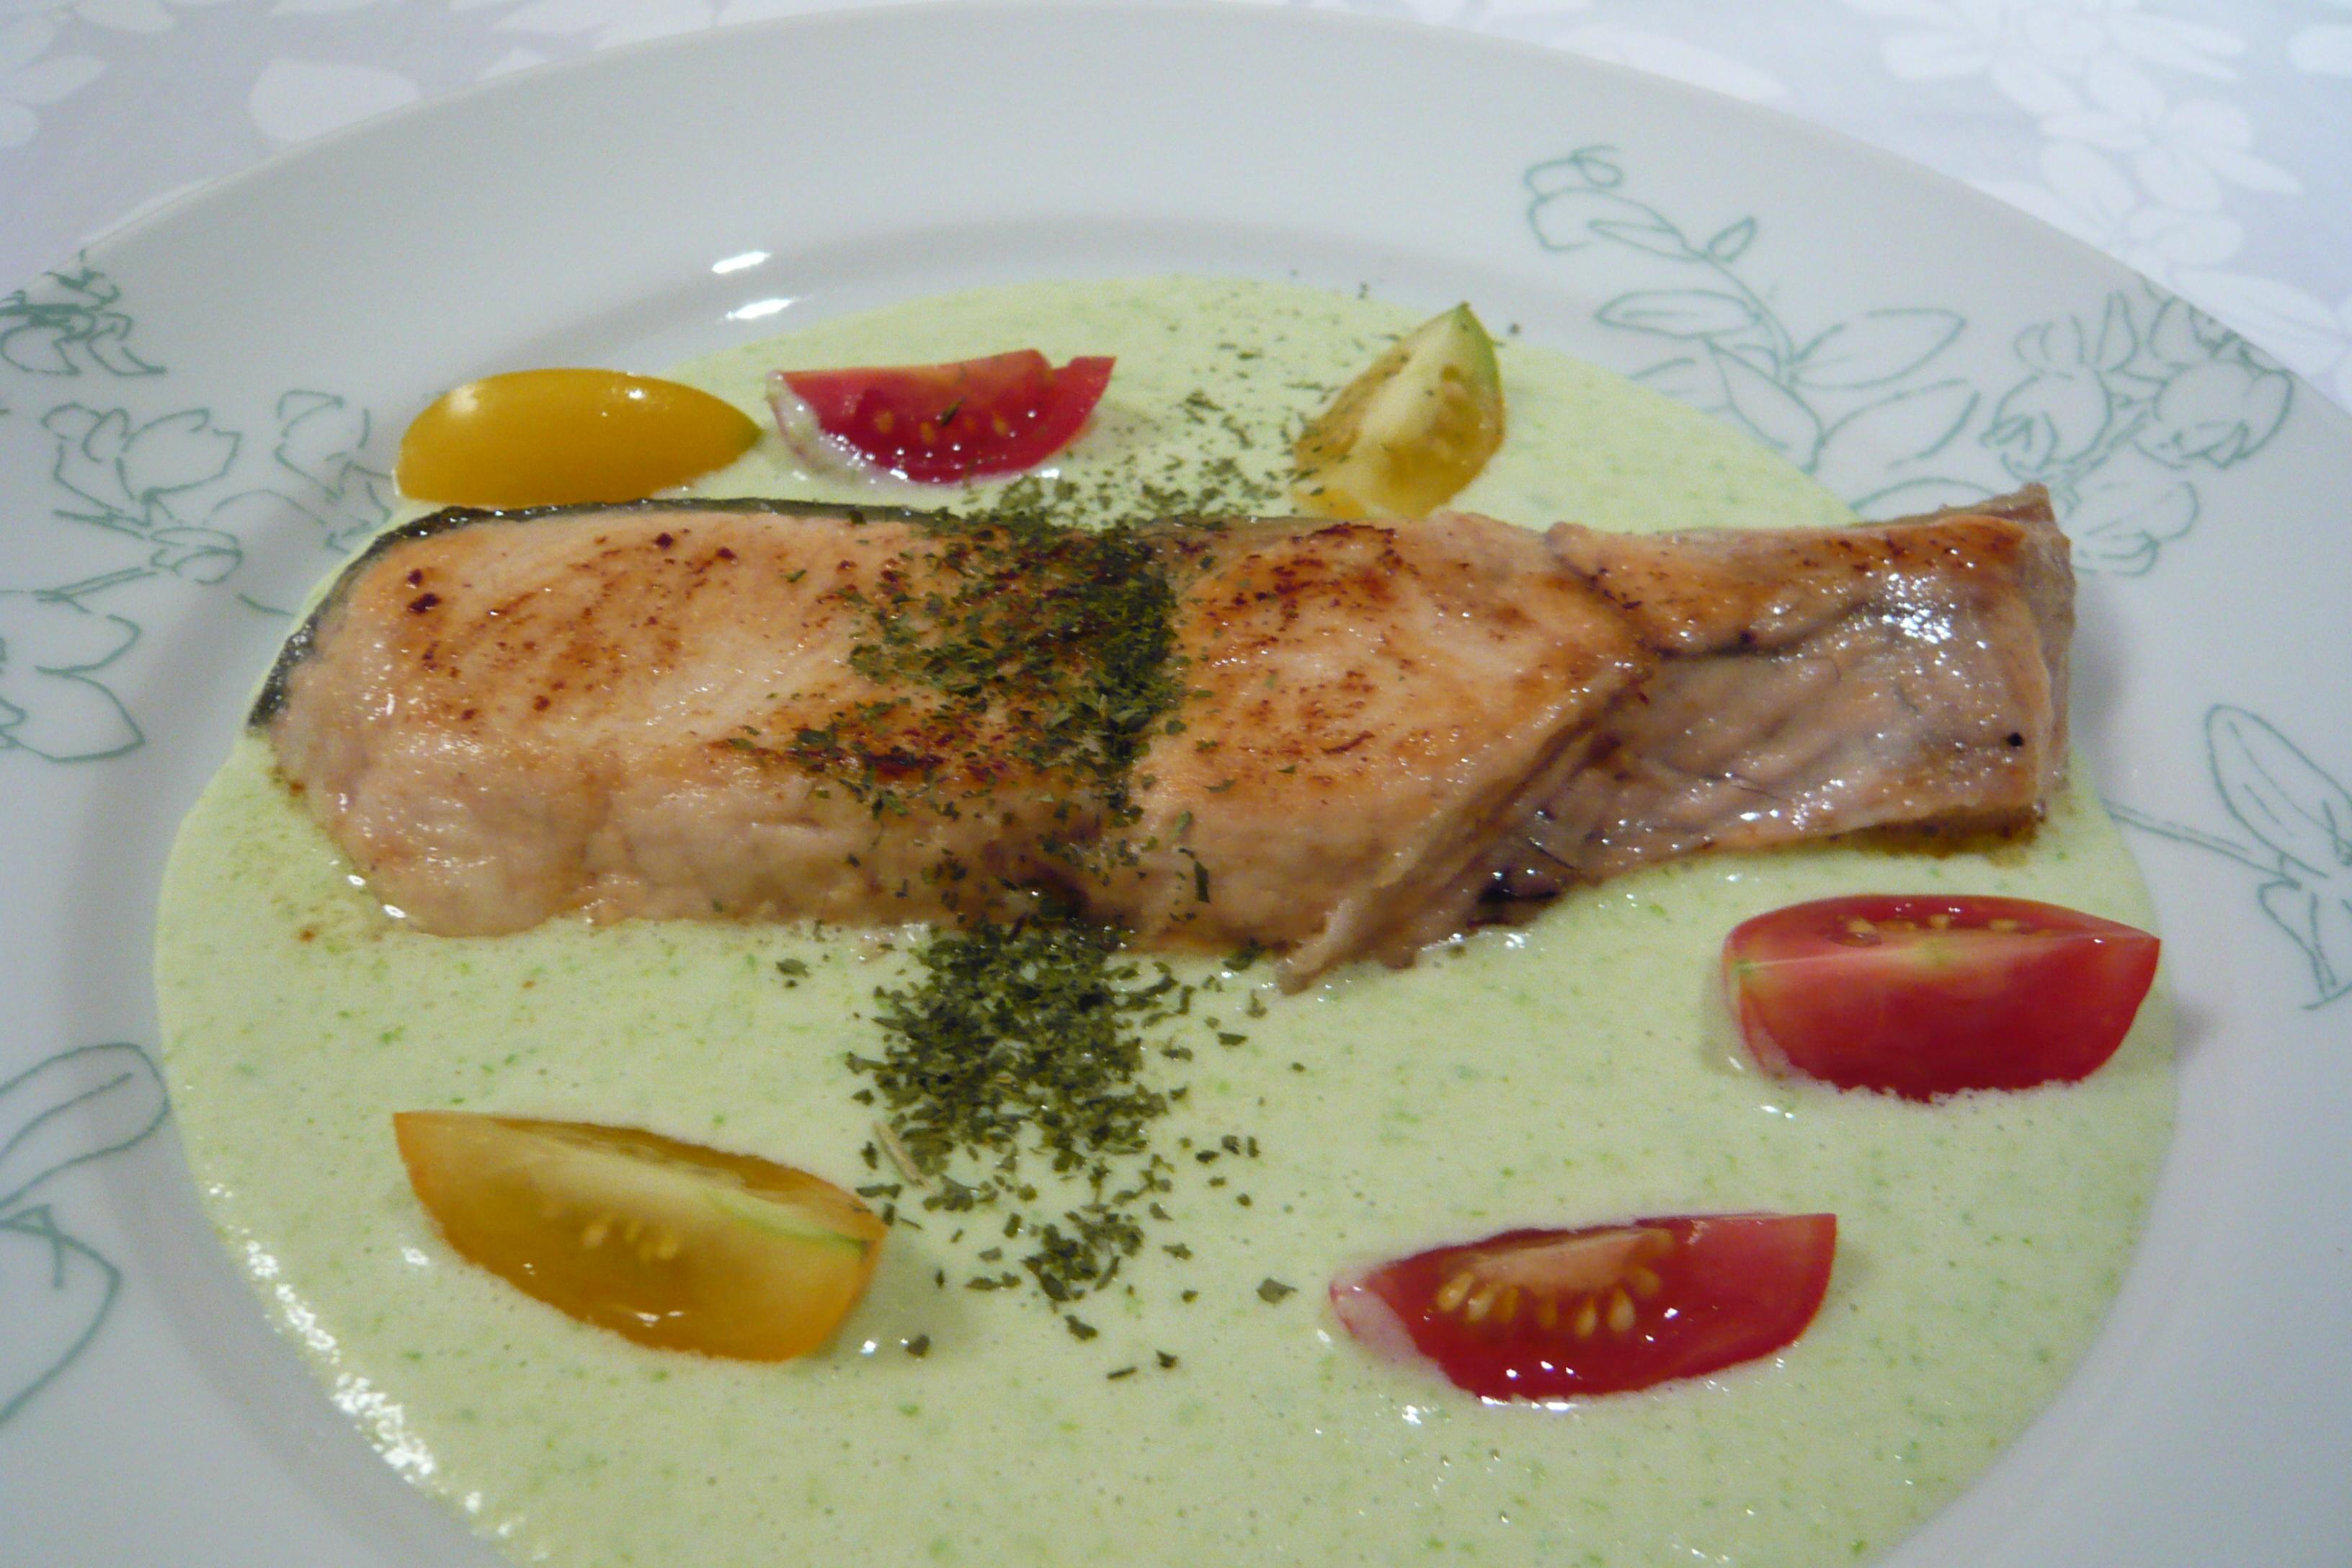 鮭のムニエルとグリーンアスパラガスのソースを添えて 石田 ゆかり先生